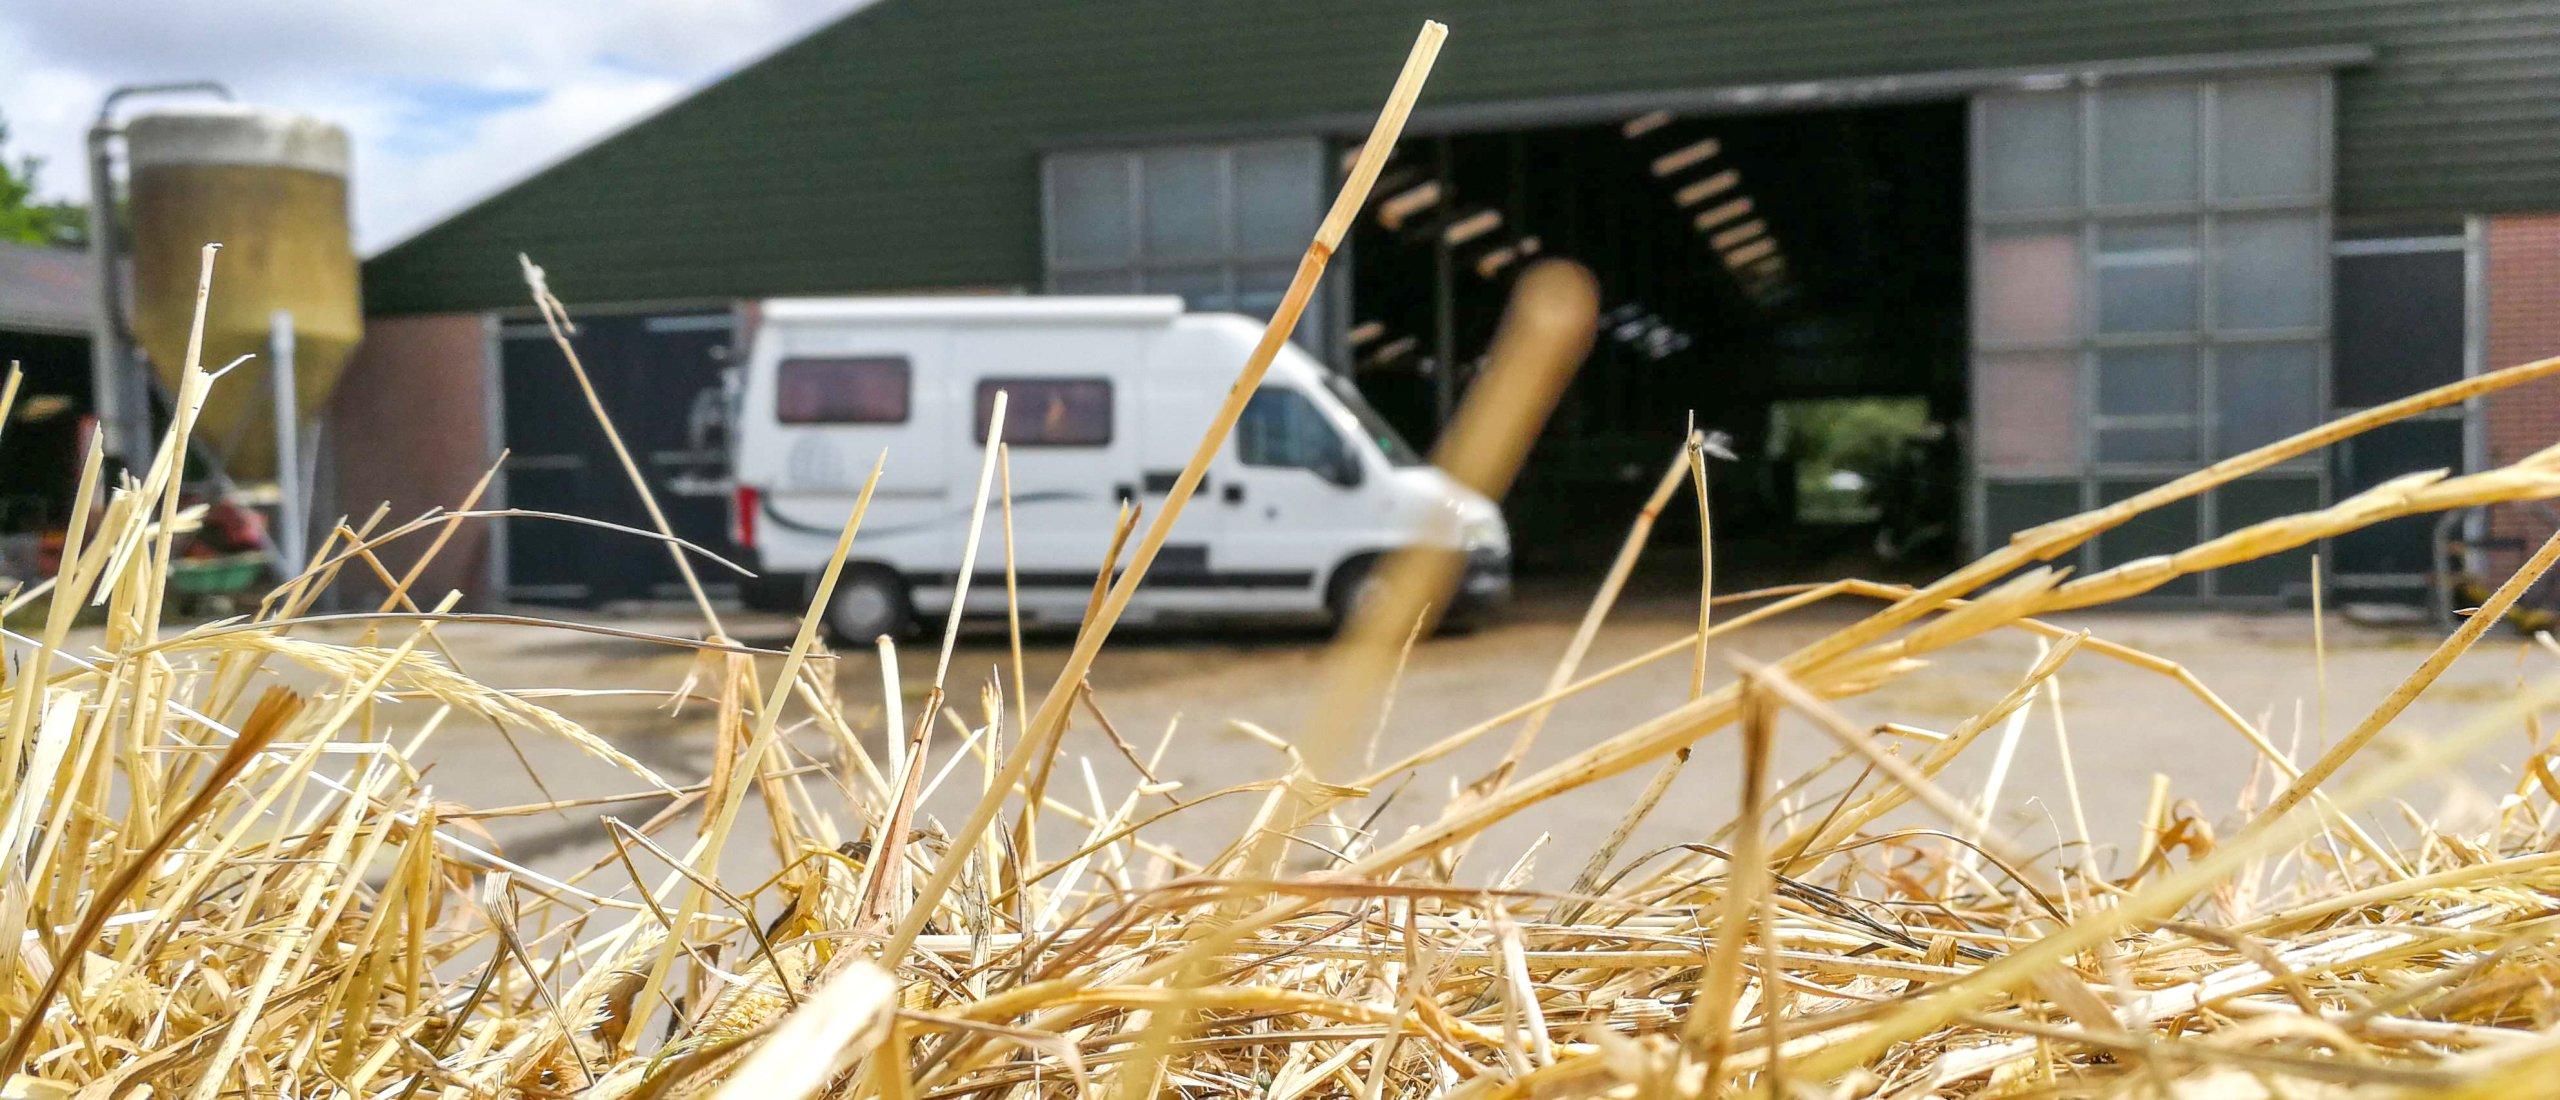 Camperplaatsen bij de boer, nog nooit zo populair!